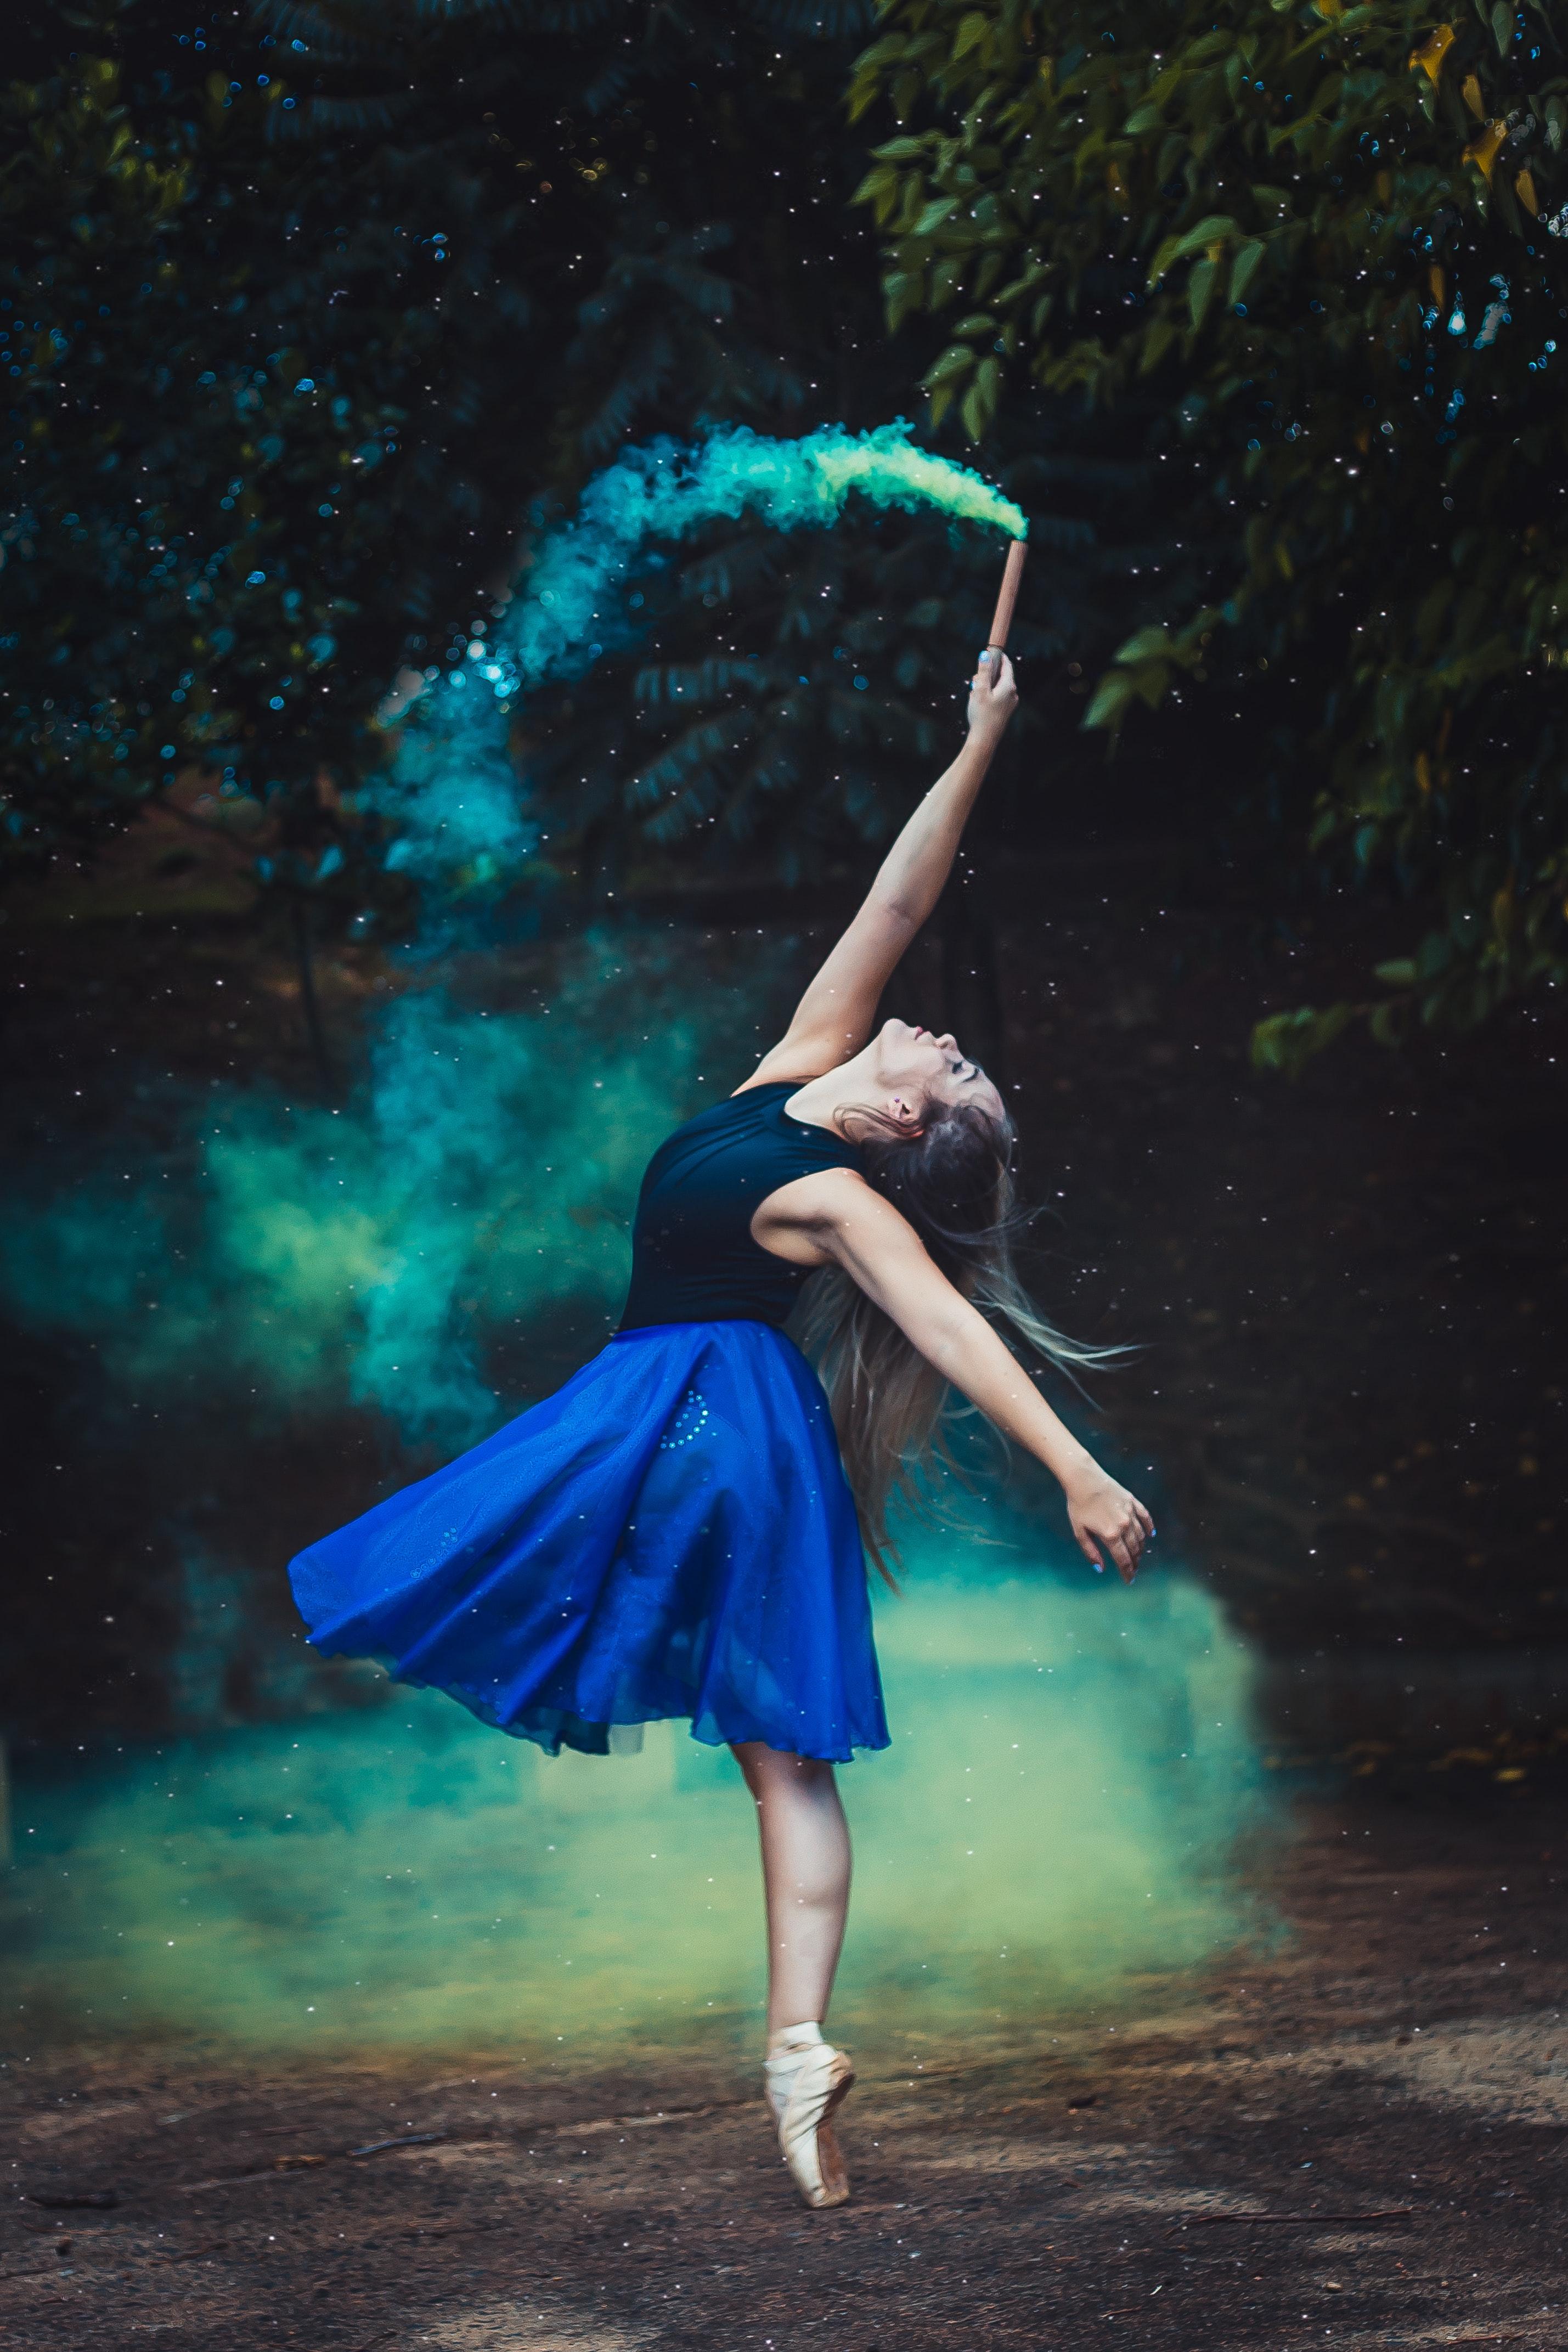 250 Beautiful Dancing Photos 183 Pexels 183 Free Stock Photos